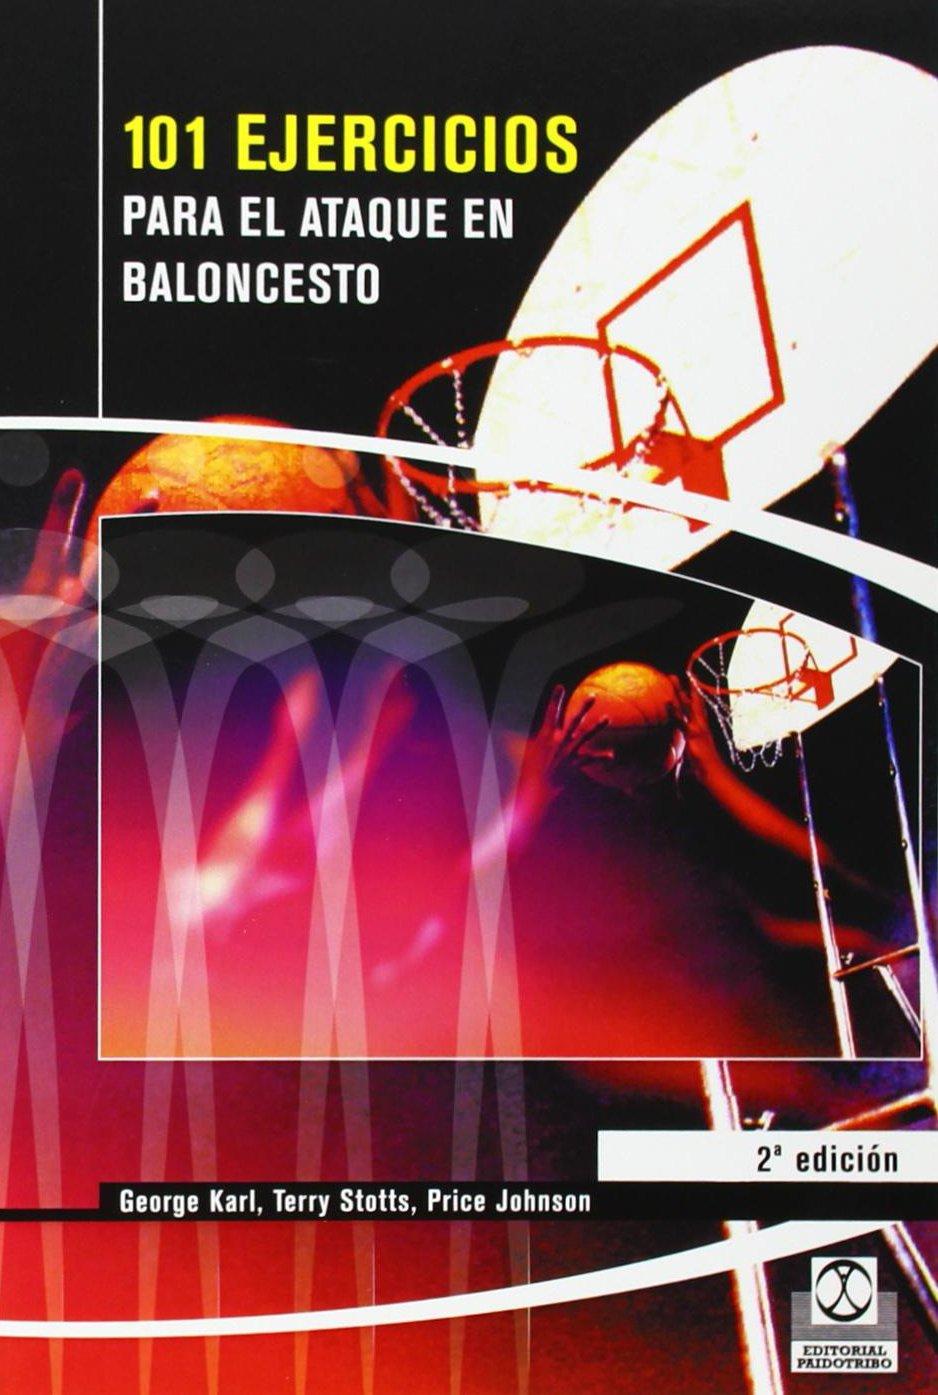 101 Ejercicios Para el Ataque de Baloncesto (Deportes) Tapa blanda – 19 ene 2018 George Karl Terry Stotts Price Johnson Paidotribo